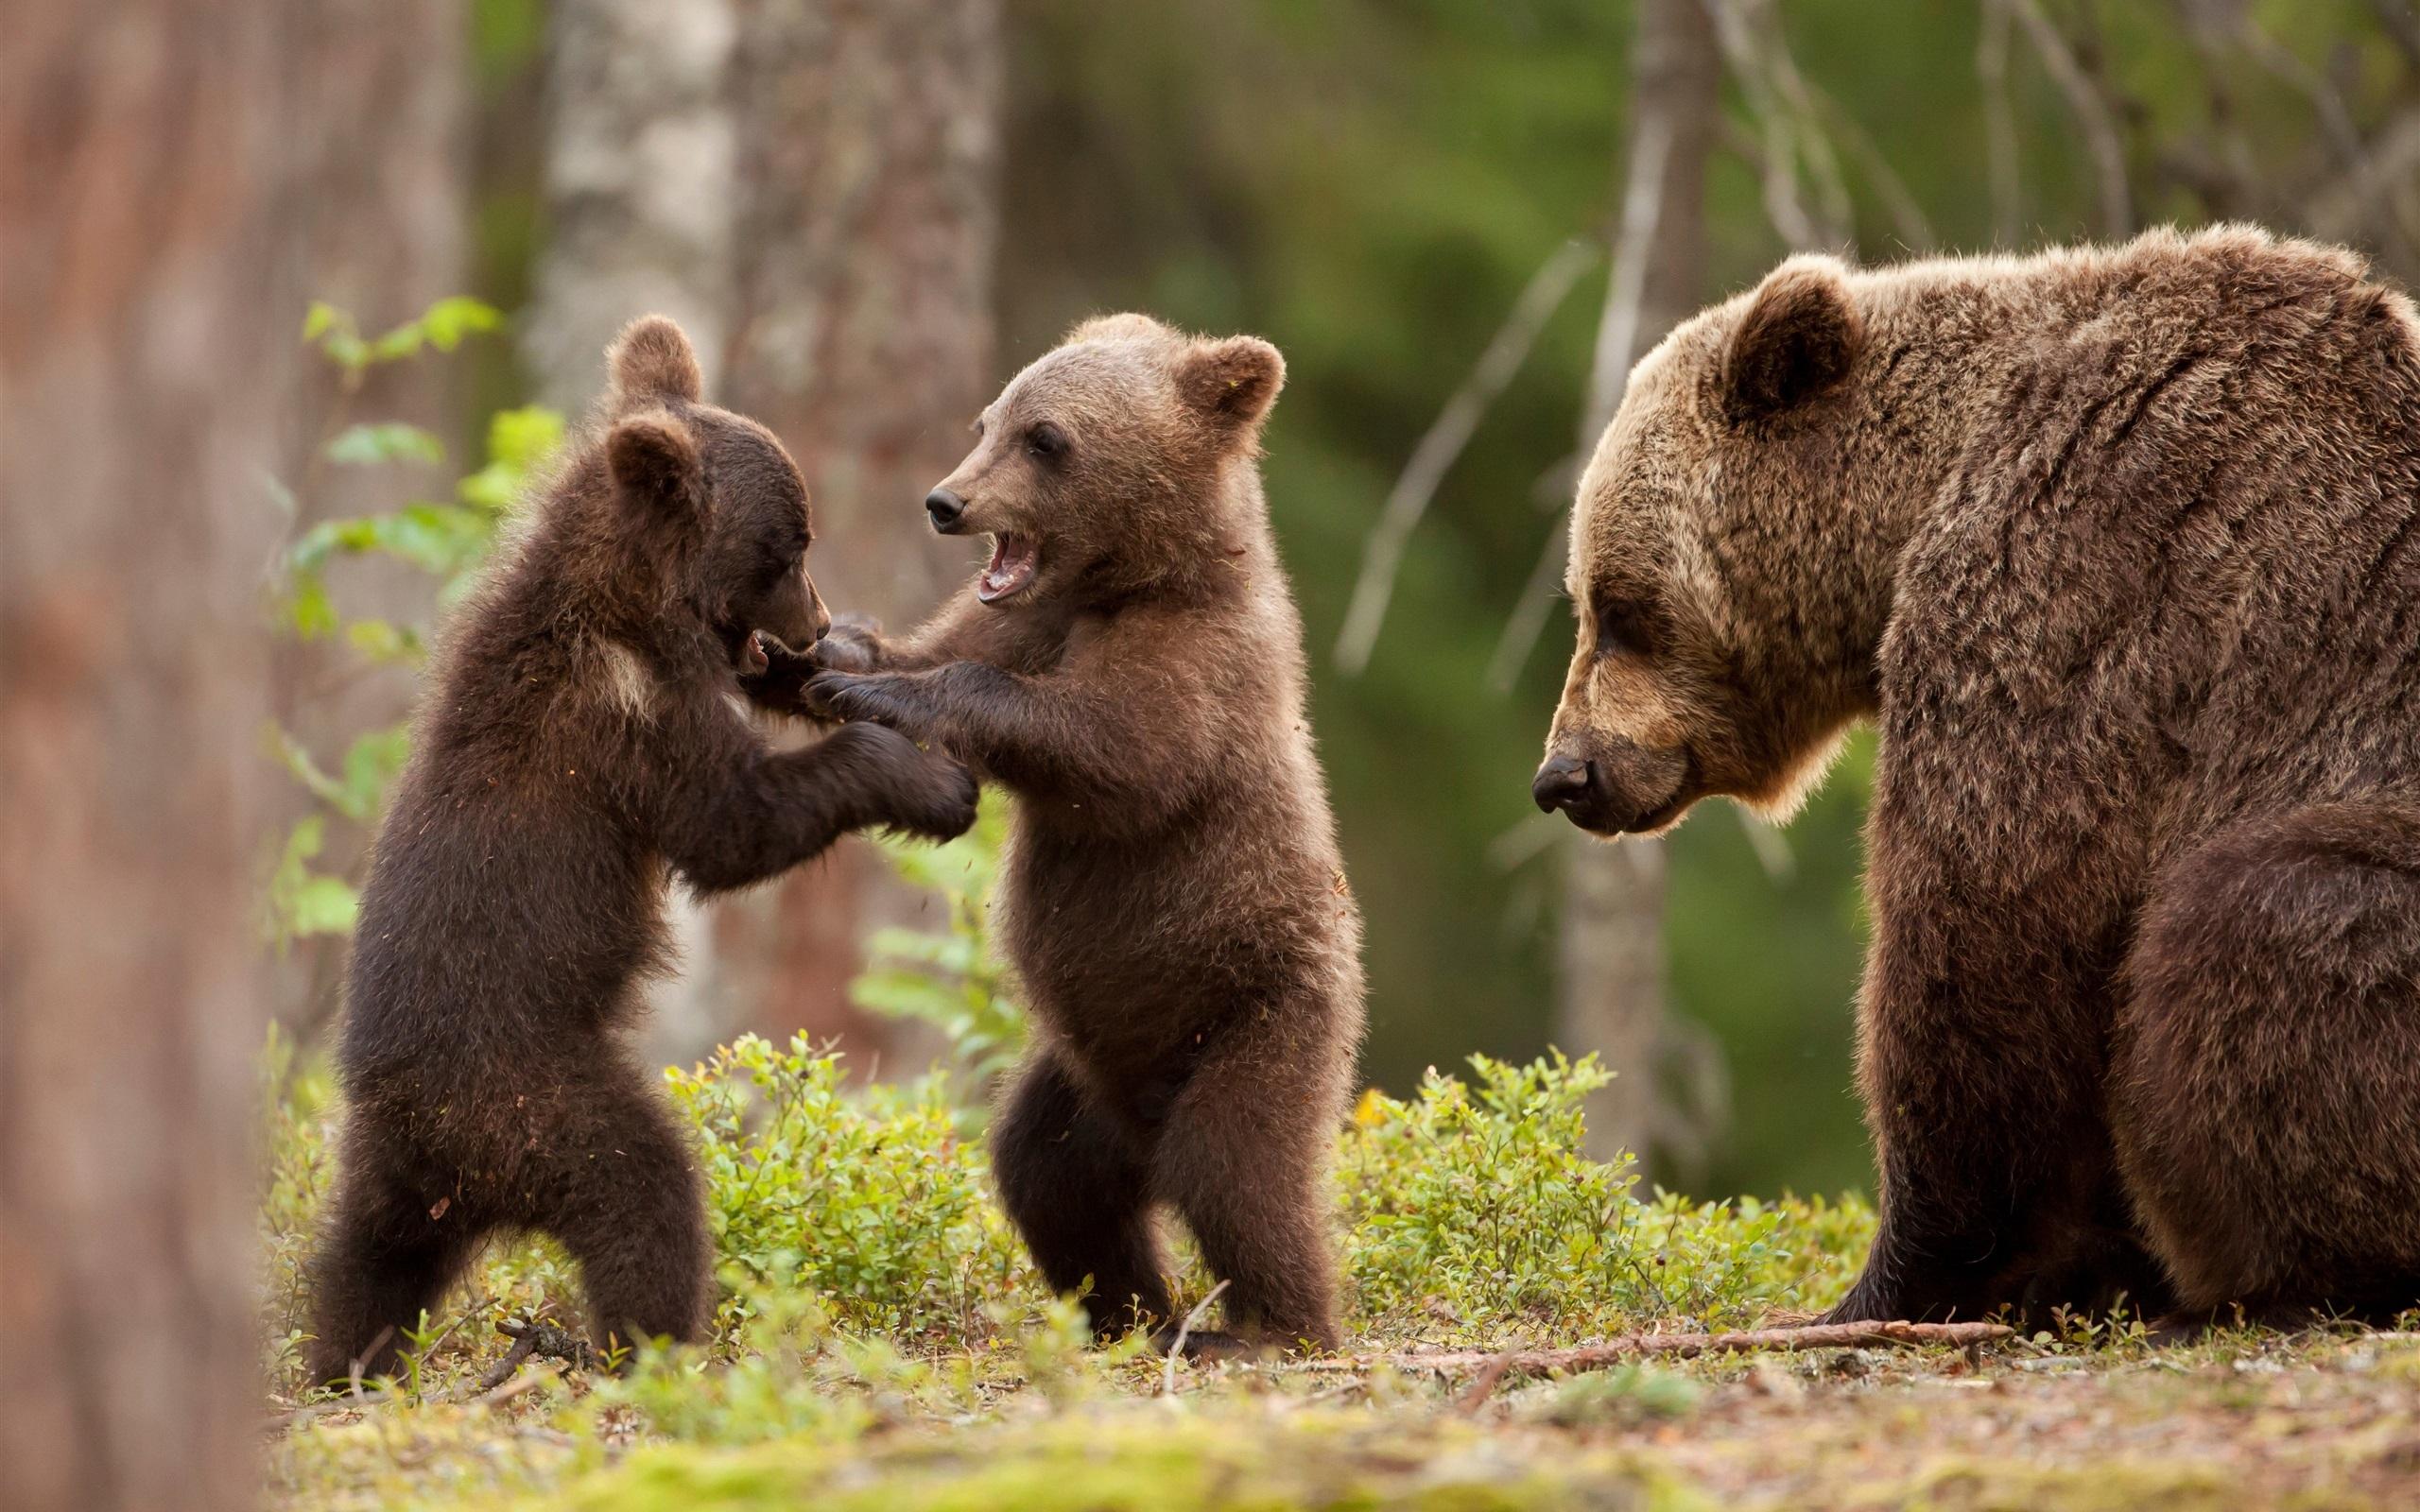 親の前で戦いごっこをする熊の兄弟